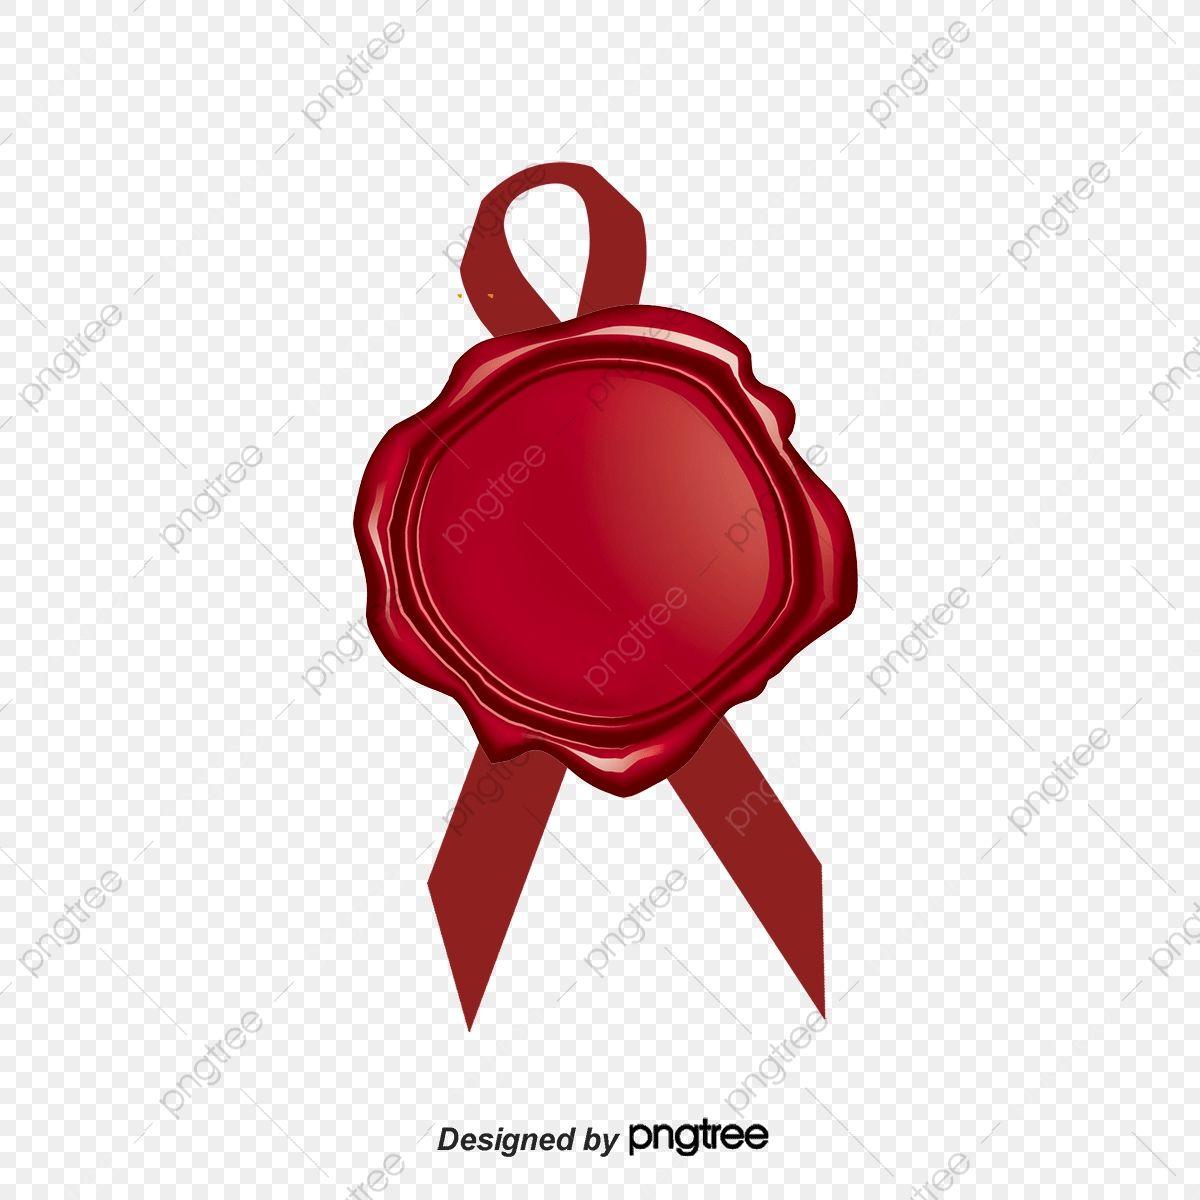 شارة الشمع الأحمر الختم تصميم ختم البريد ختم البريد عجل البحر Png وملف Psd للتحميل مجانا Wax Seals Badge Red